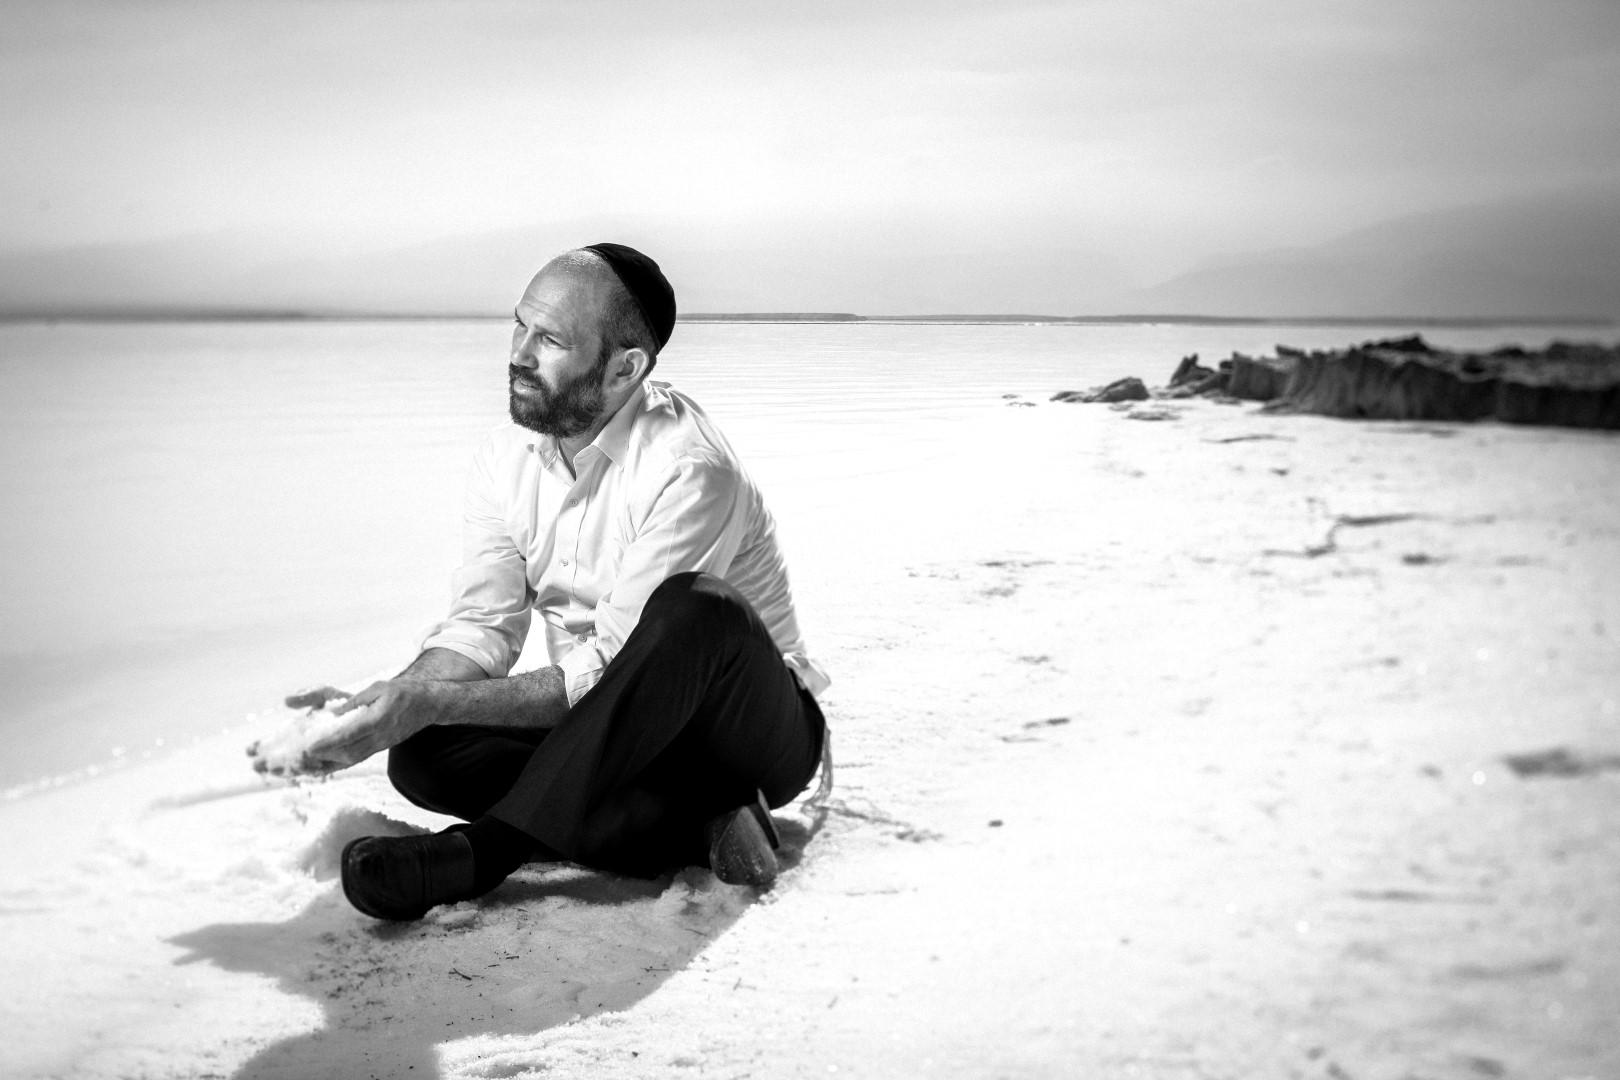 יונתן רזאל באלבום חדש ומבטיח: